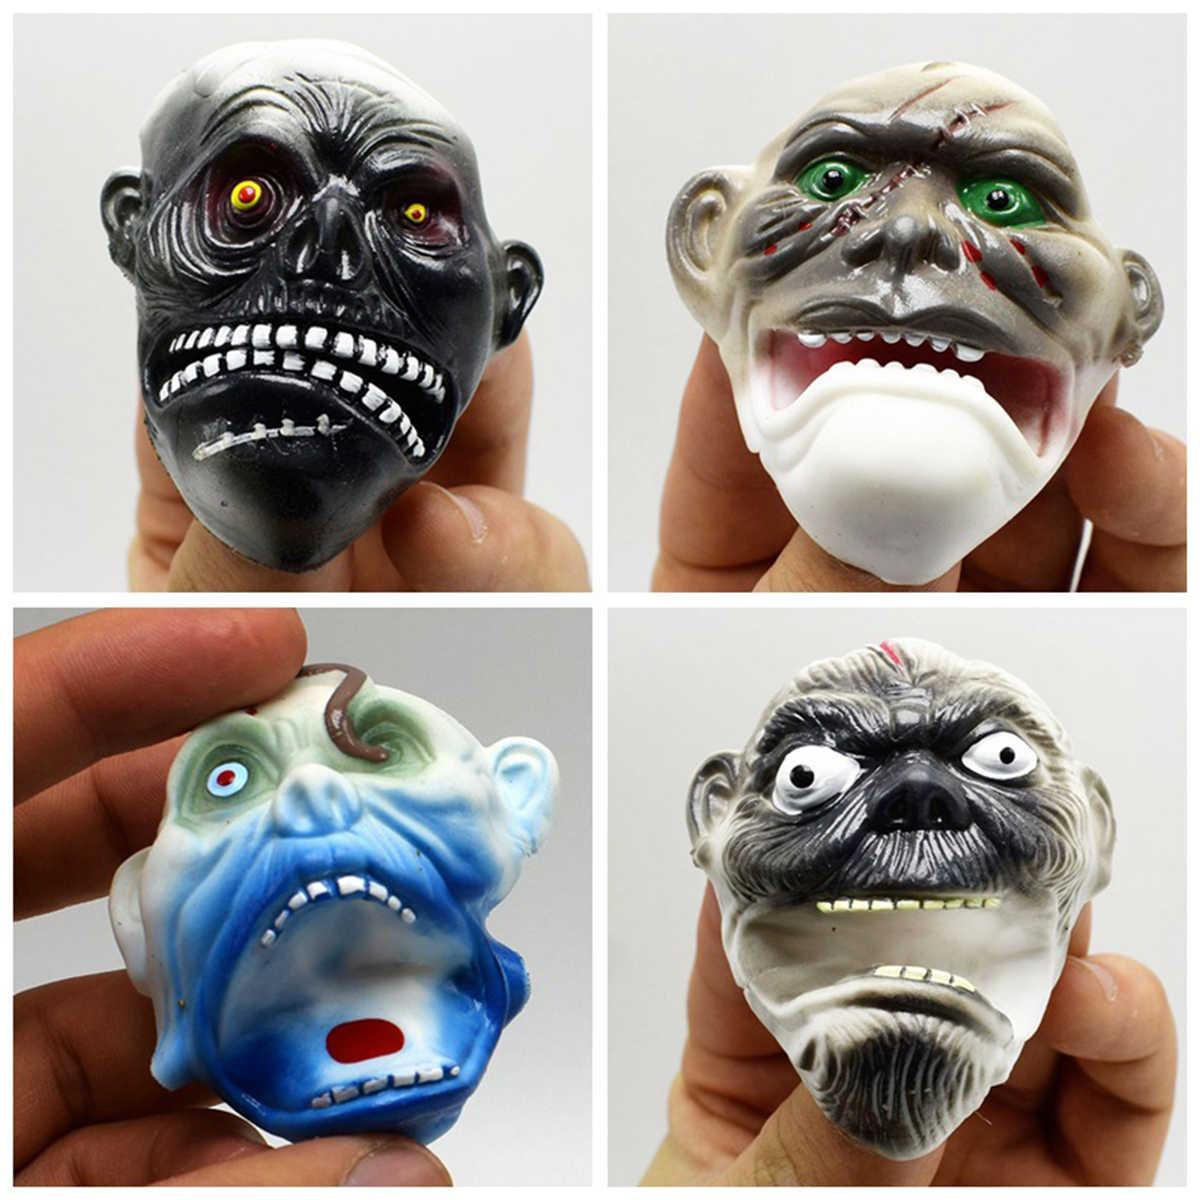 4 Pcs Hantu Wajah Boneka Tangan Lembut TPR Realistis Peran Bermain Mainan Hadiah untuk Pesta Halloween (Pola Acak)